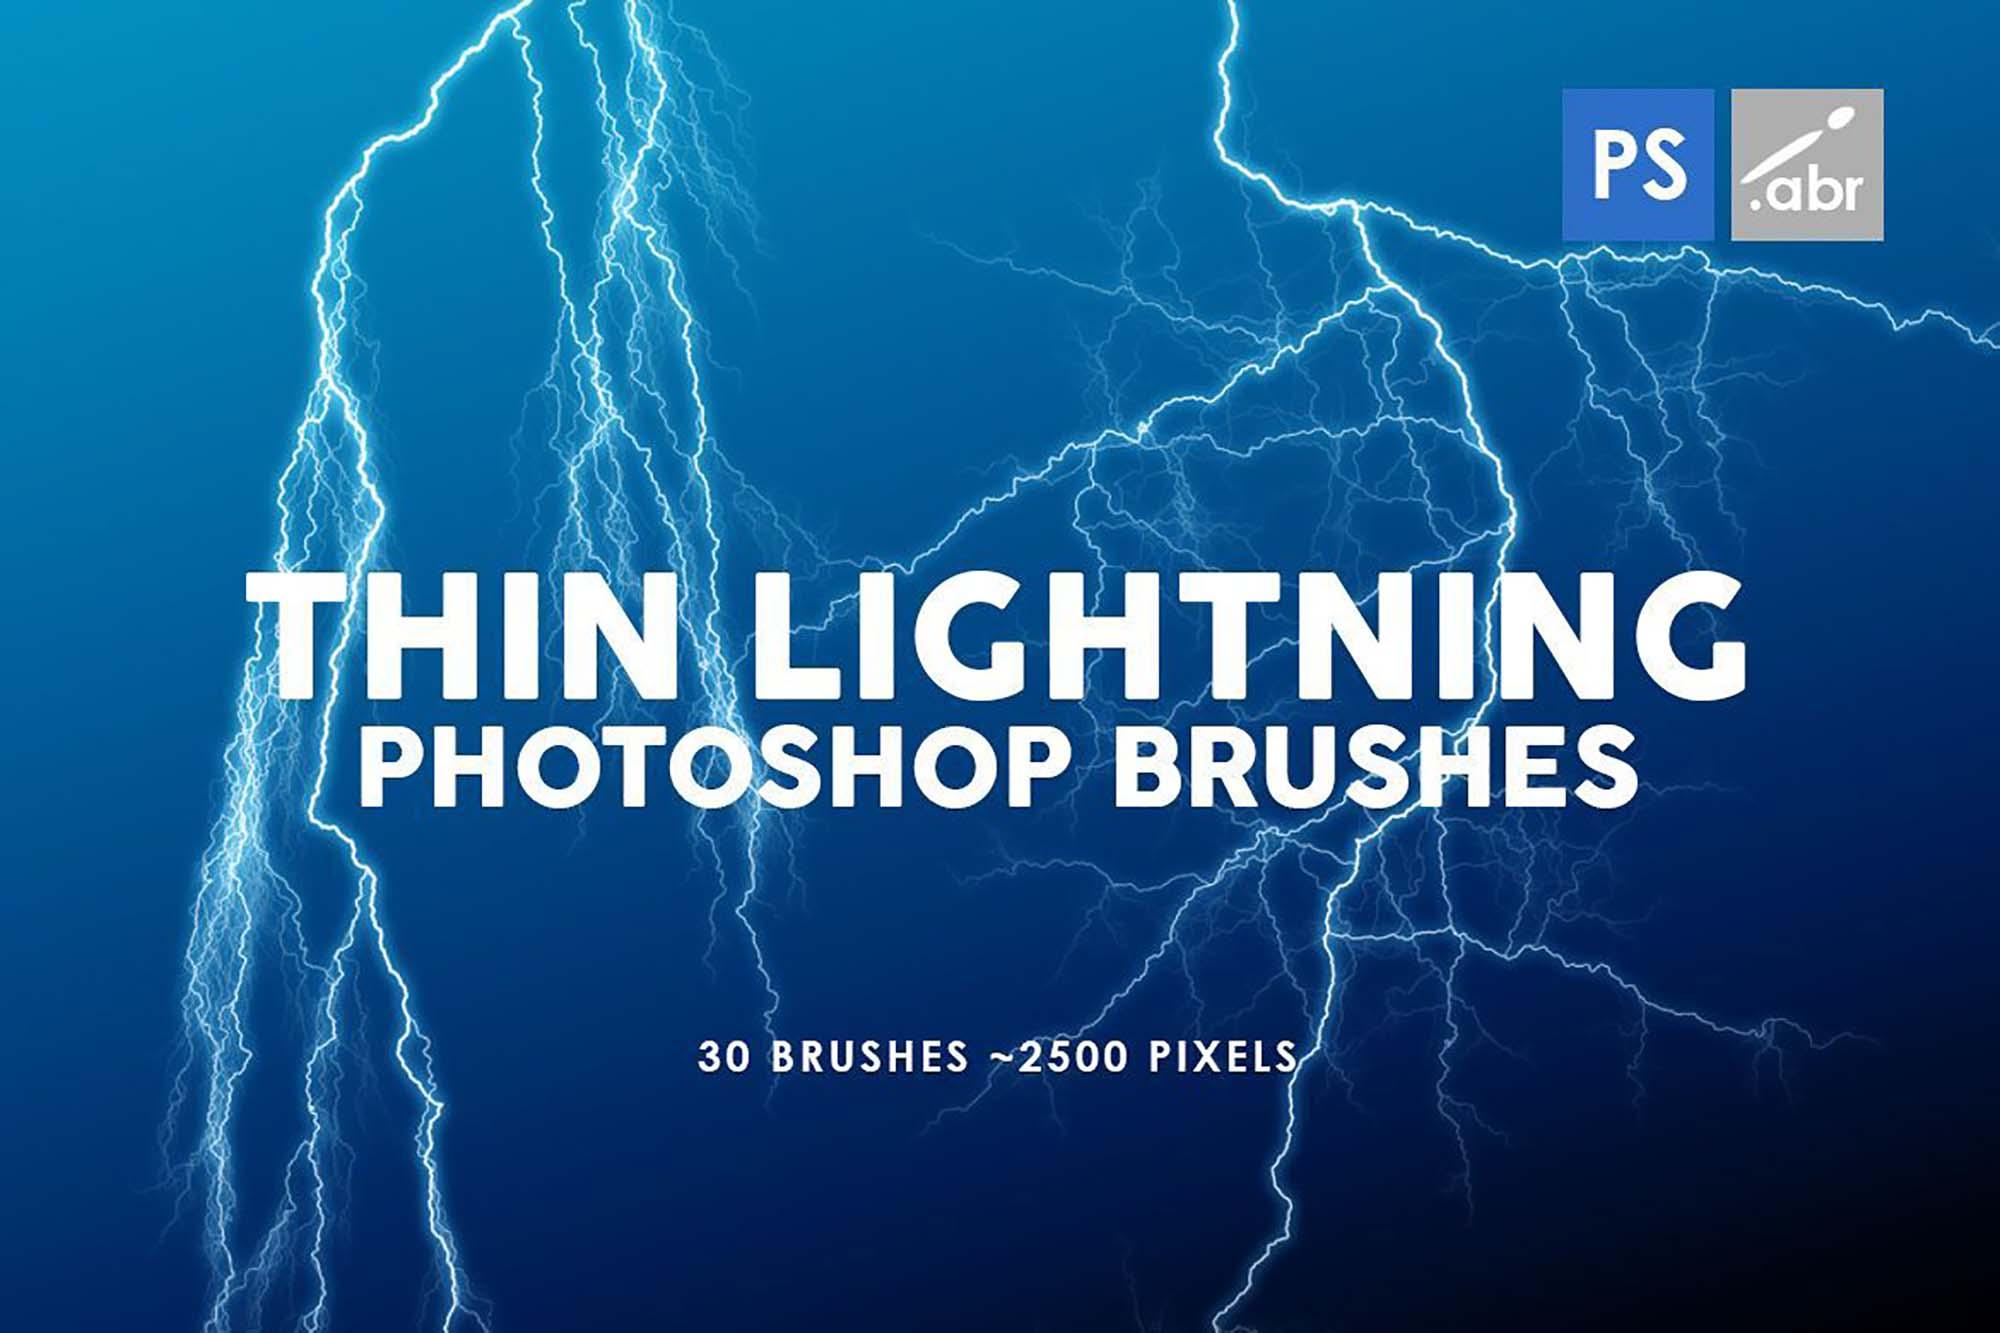 Thin Lightning Photoshop Brushes